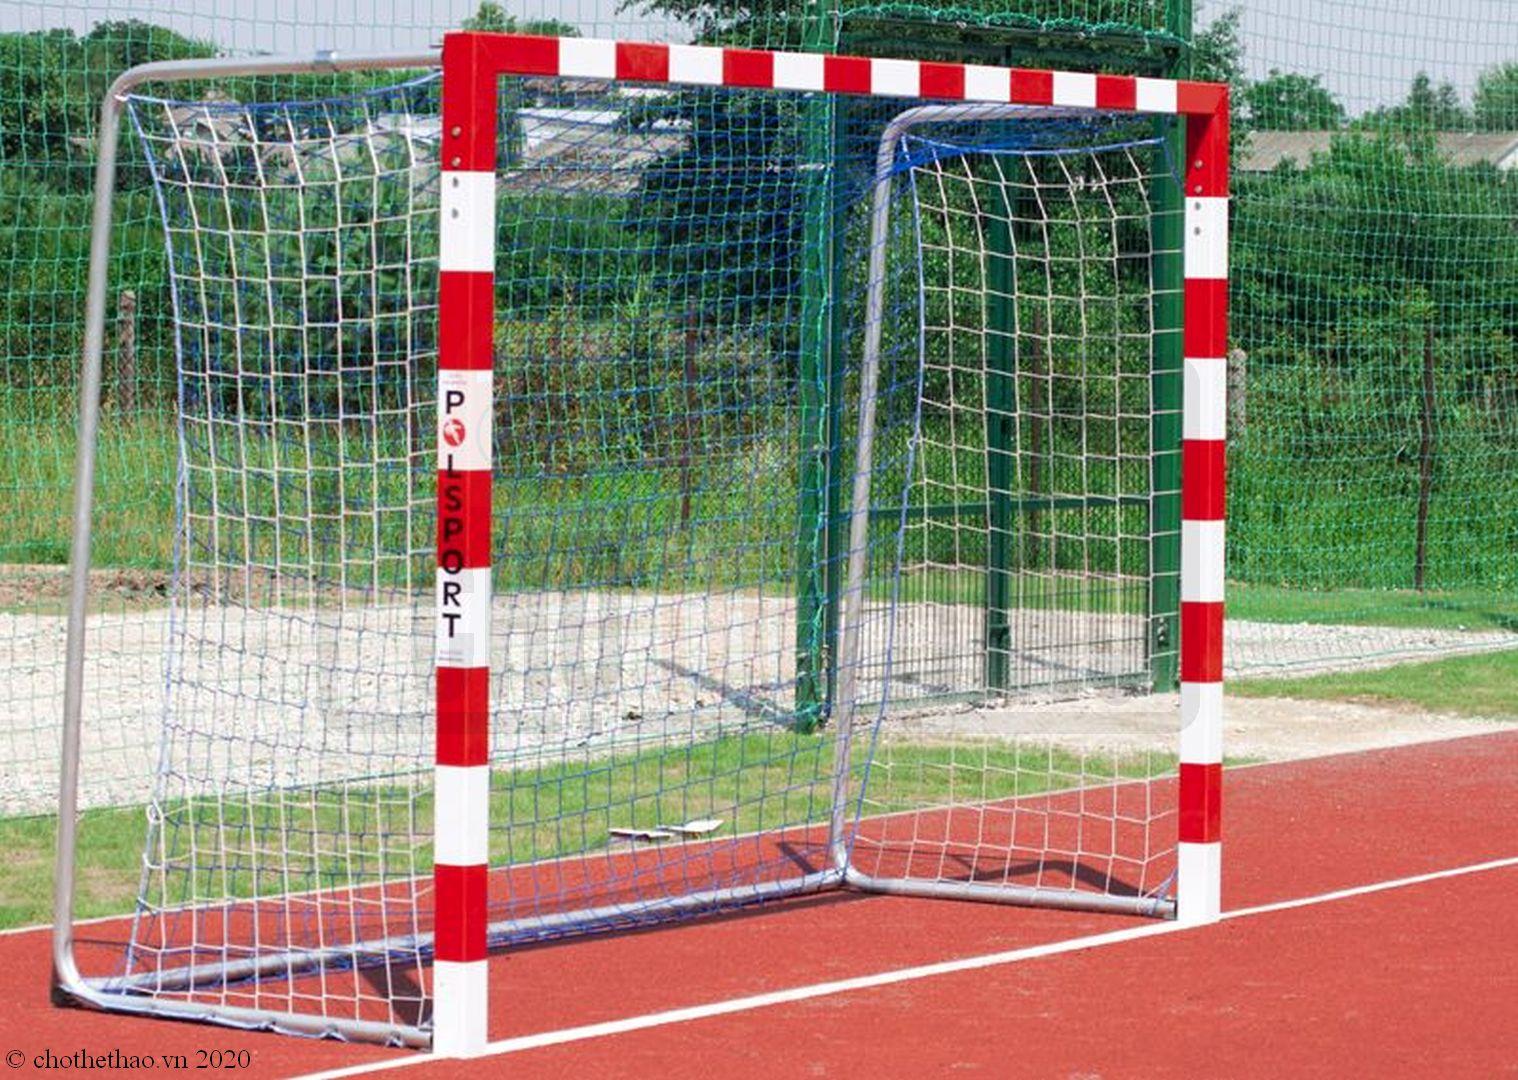 Lưới khung thành bóng đá 5 người 233120